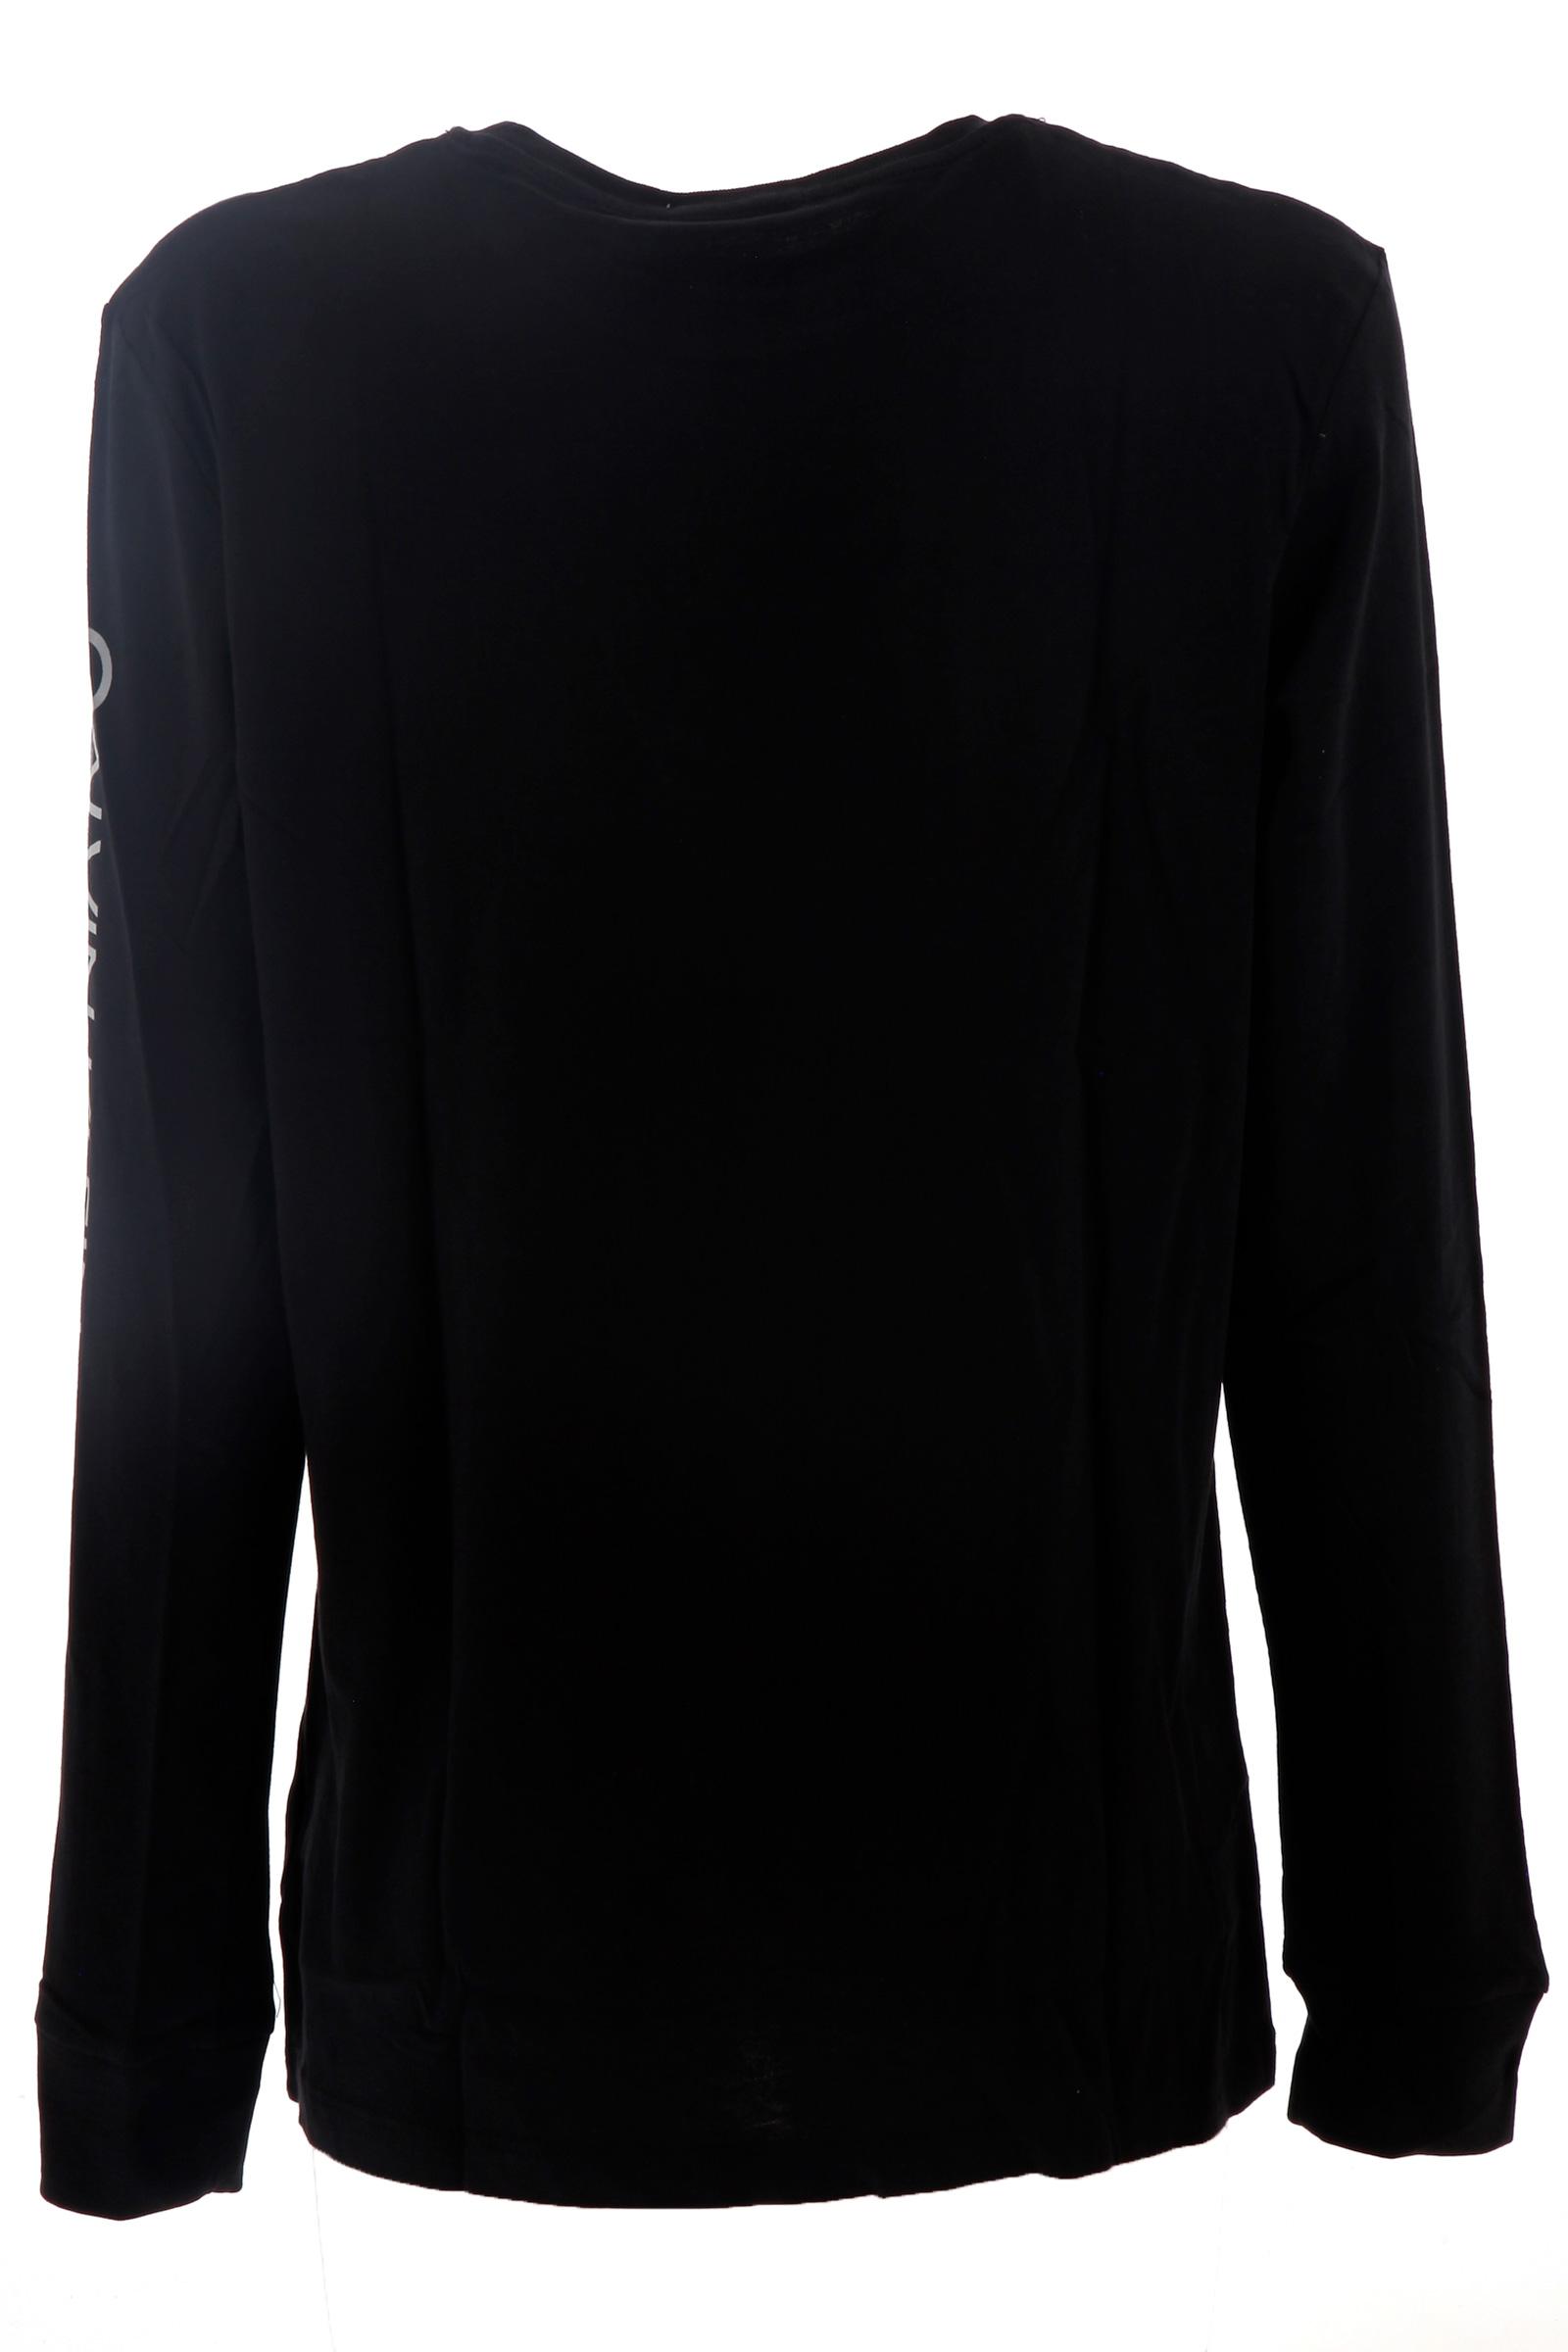 T-shirt CALVIN KLEIN | T-shirt | IB0IB00528BEH